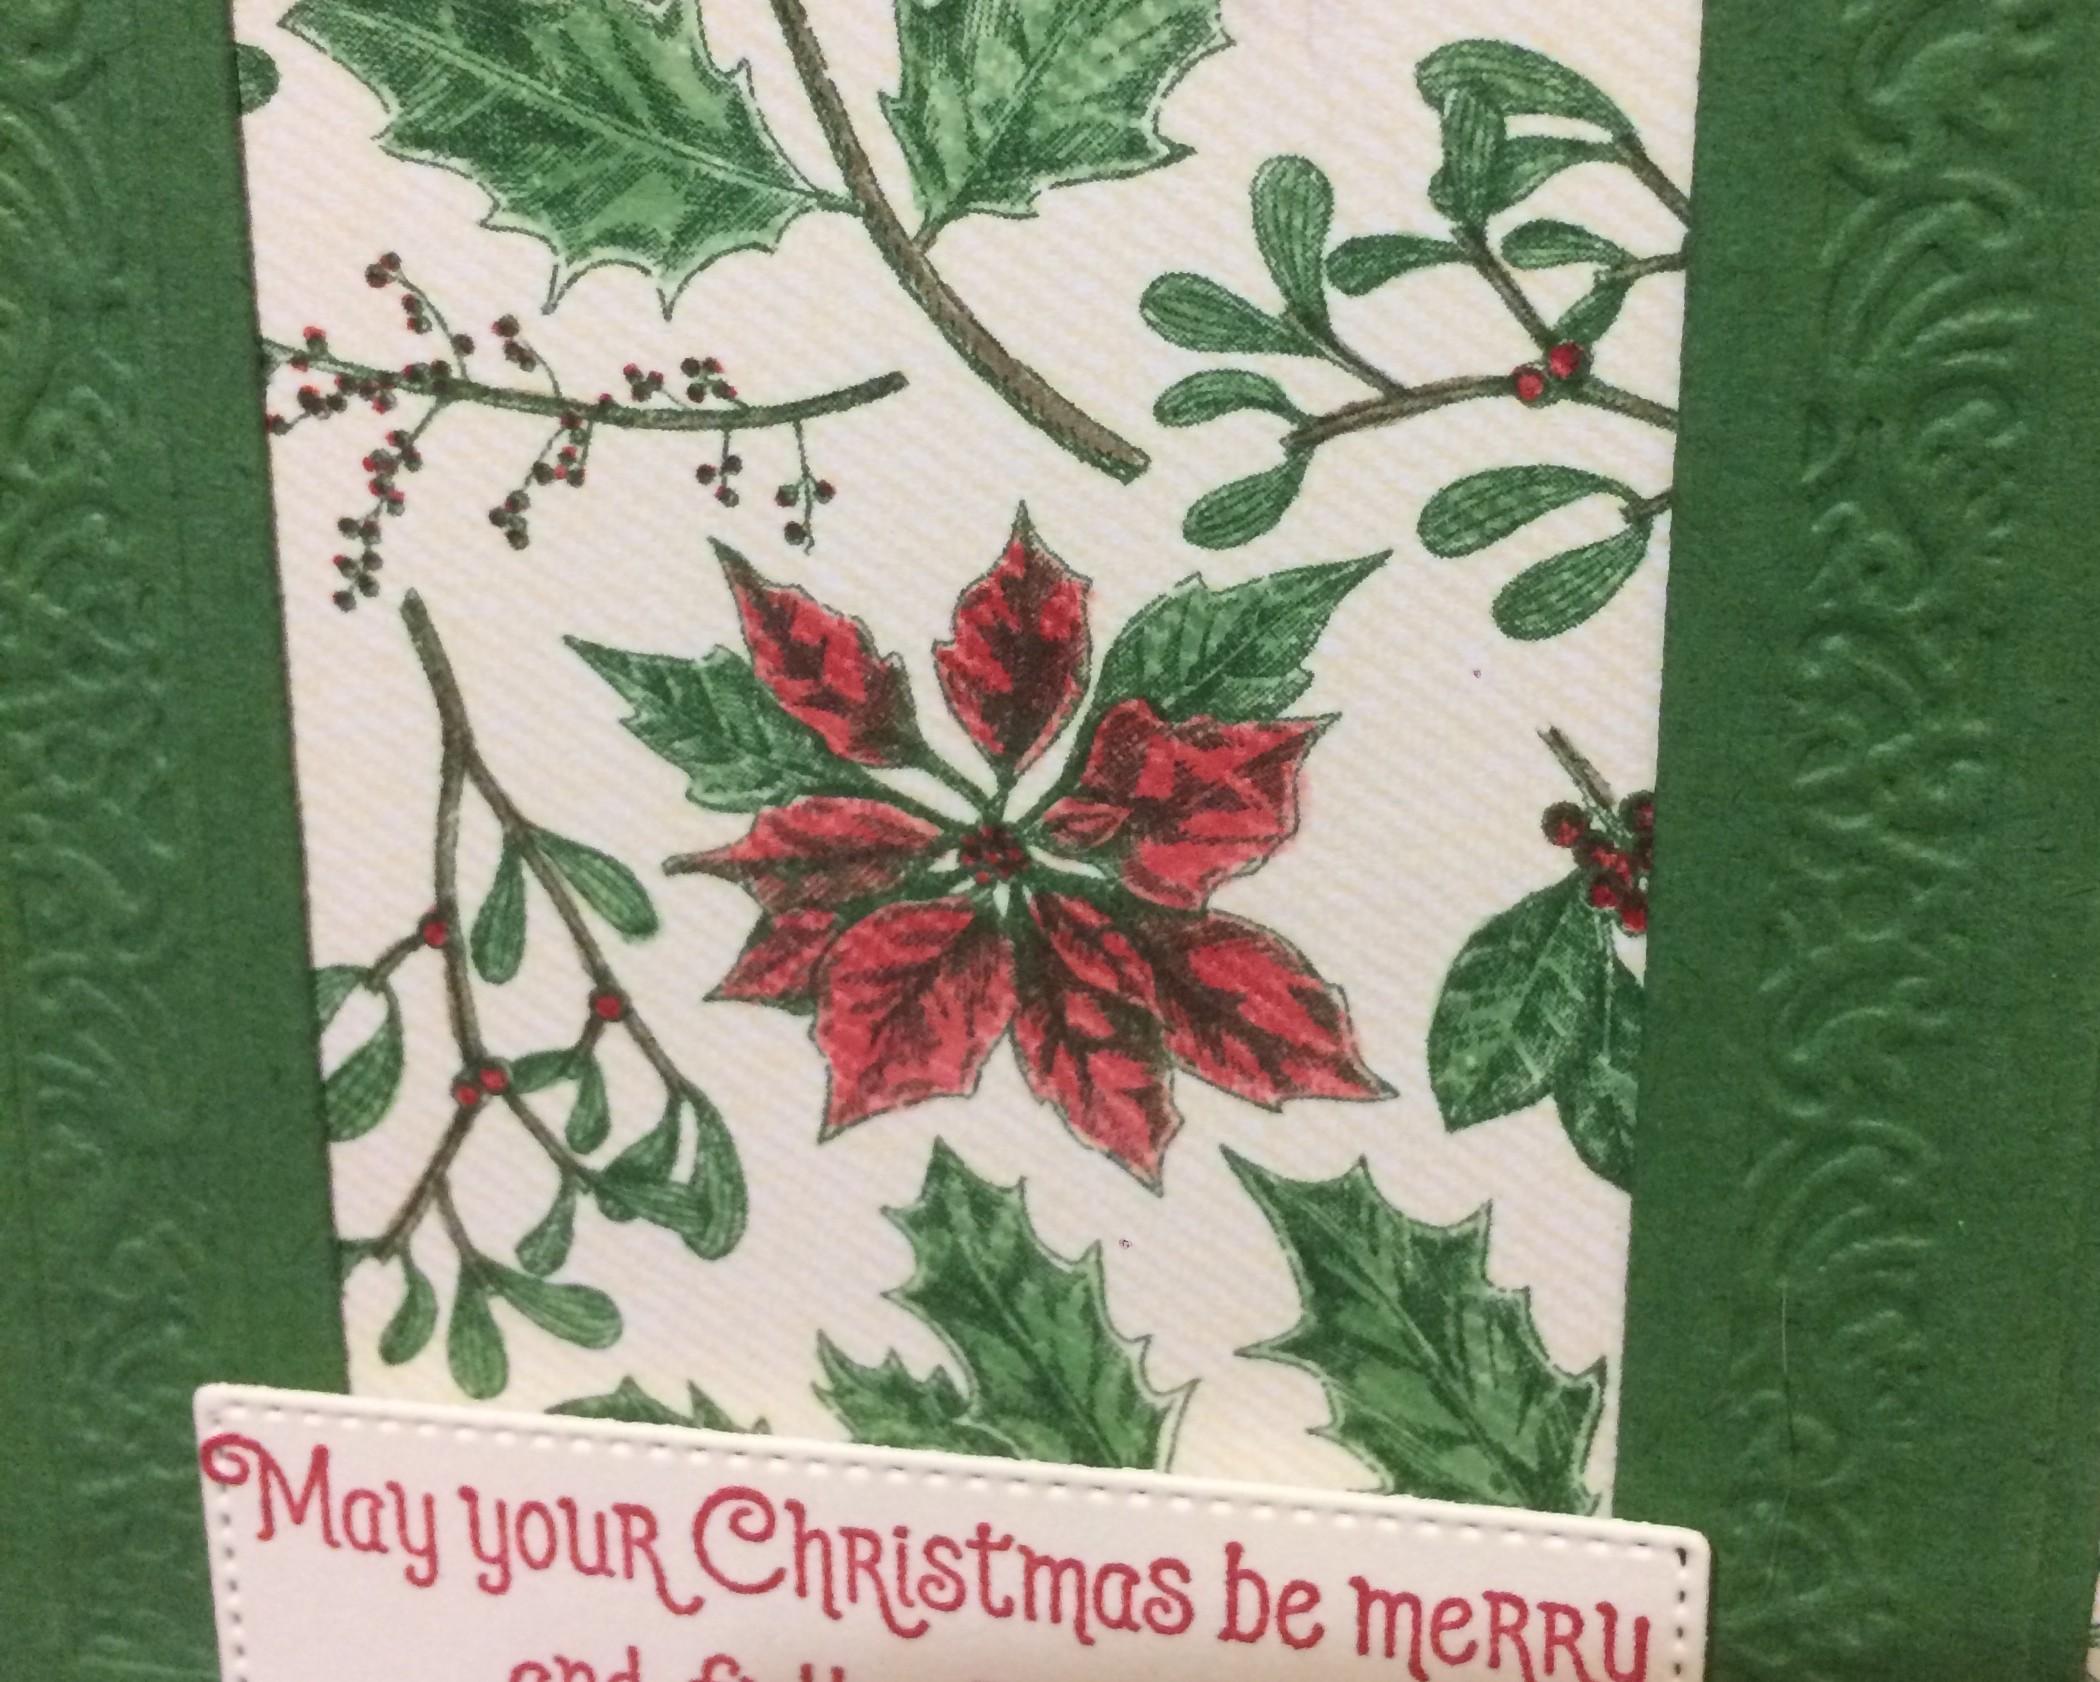 Toile Tidings Christmas Card 2019 Stampin' Up! Holiday Catalogue Christina Barnes Dot Dot Stamping